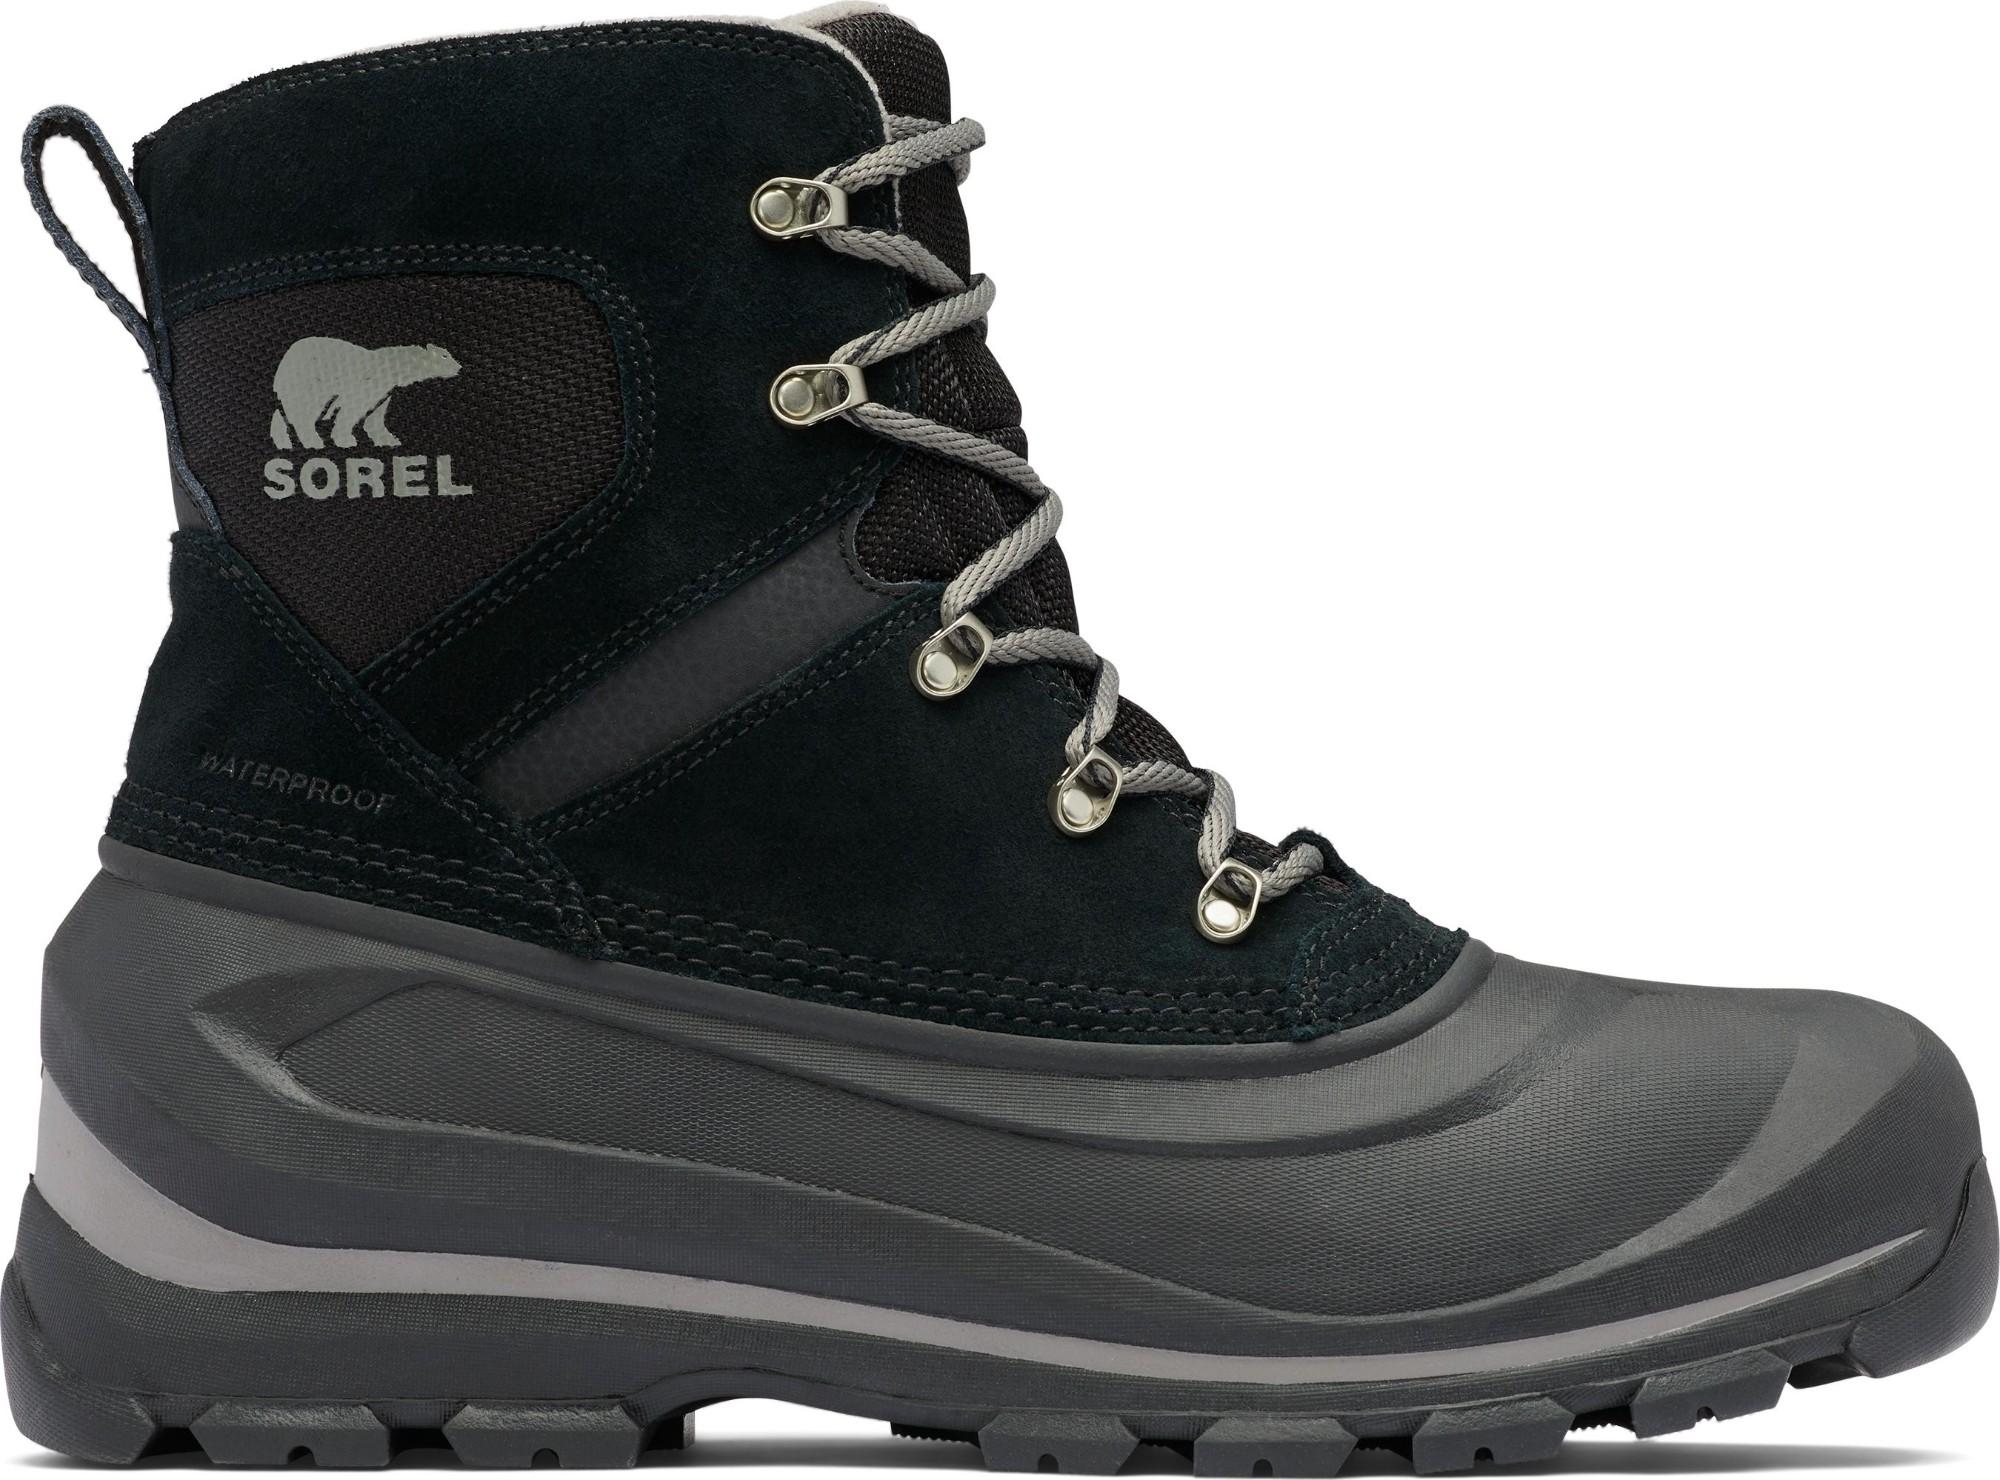 Sorel Buxton Lace Men's Waterproof Black/Quarry 43